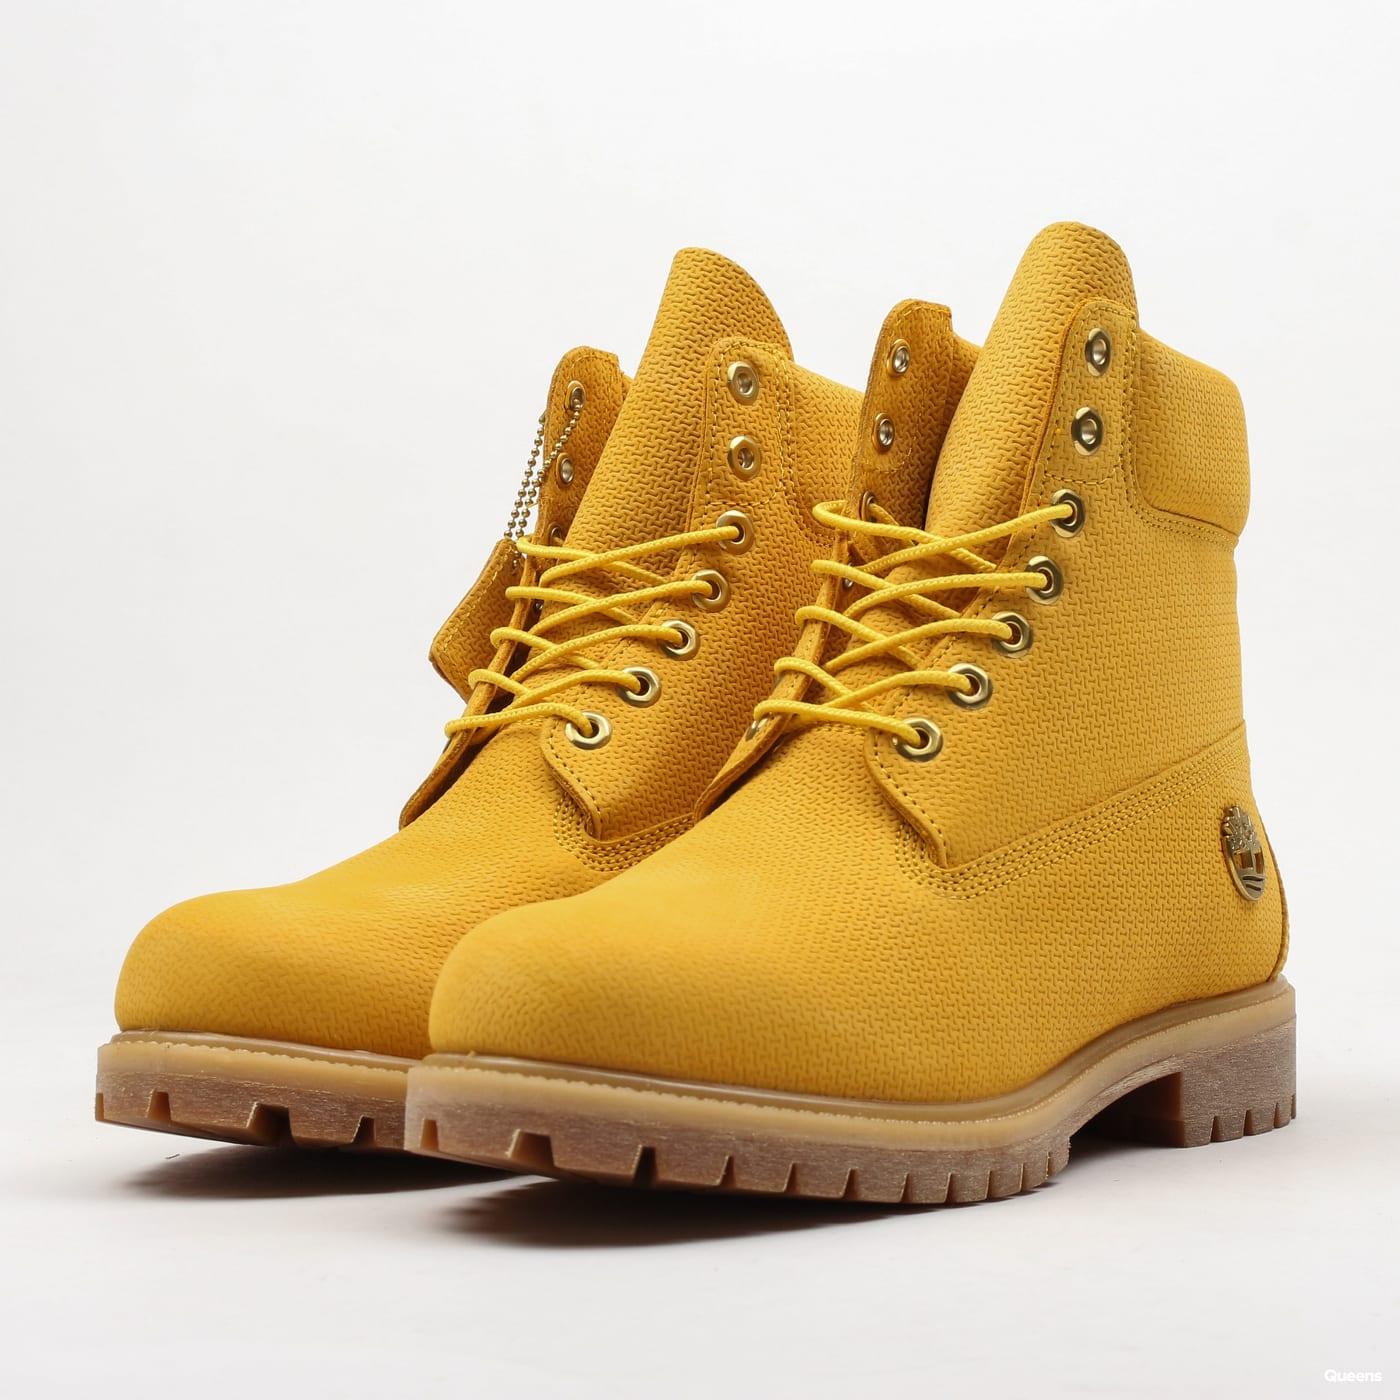 9b5a4ec4b21 Pánské zimní boty Timberland 6 Inch Premium WP Boot (A1QXS - GLD) – Queens  💚